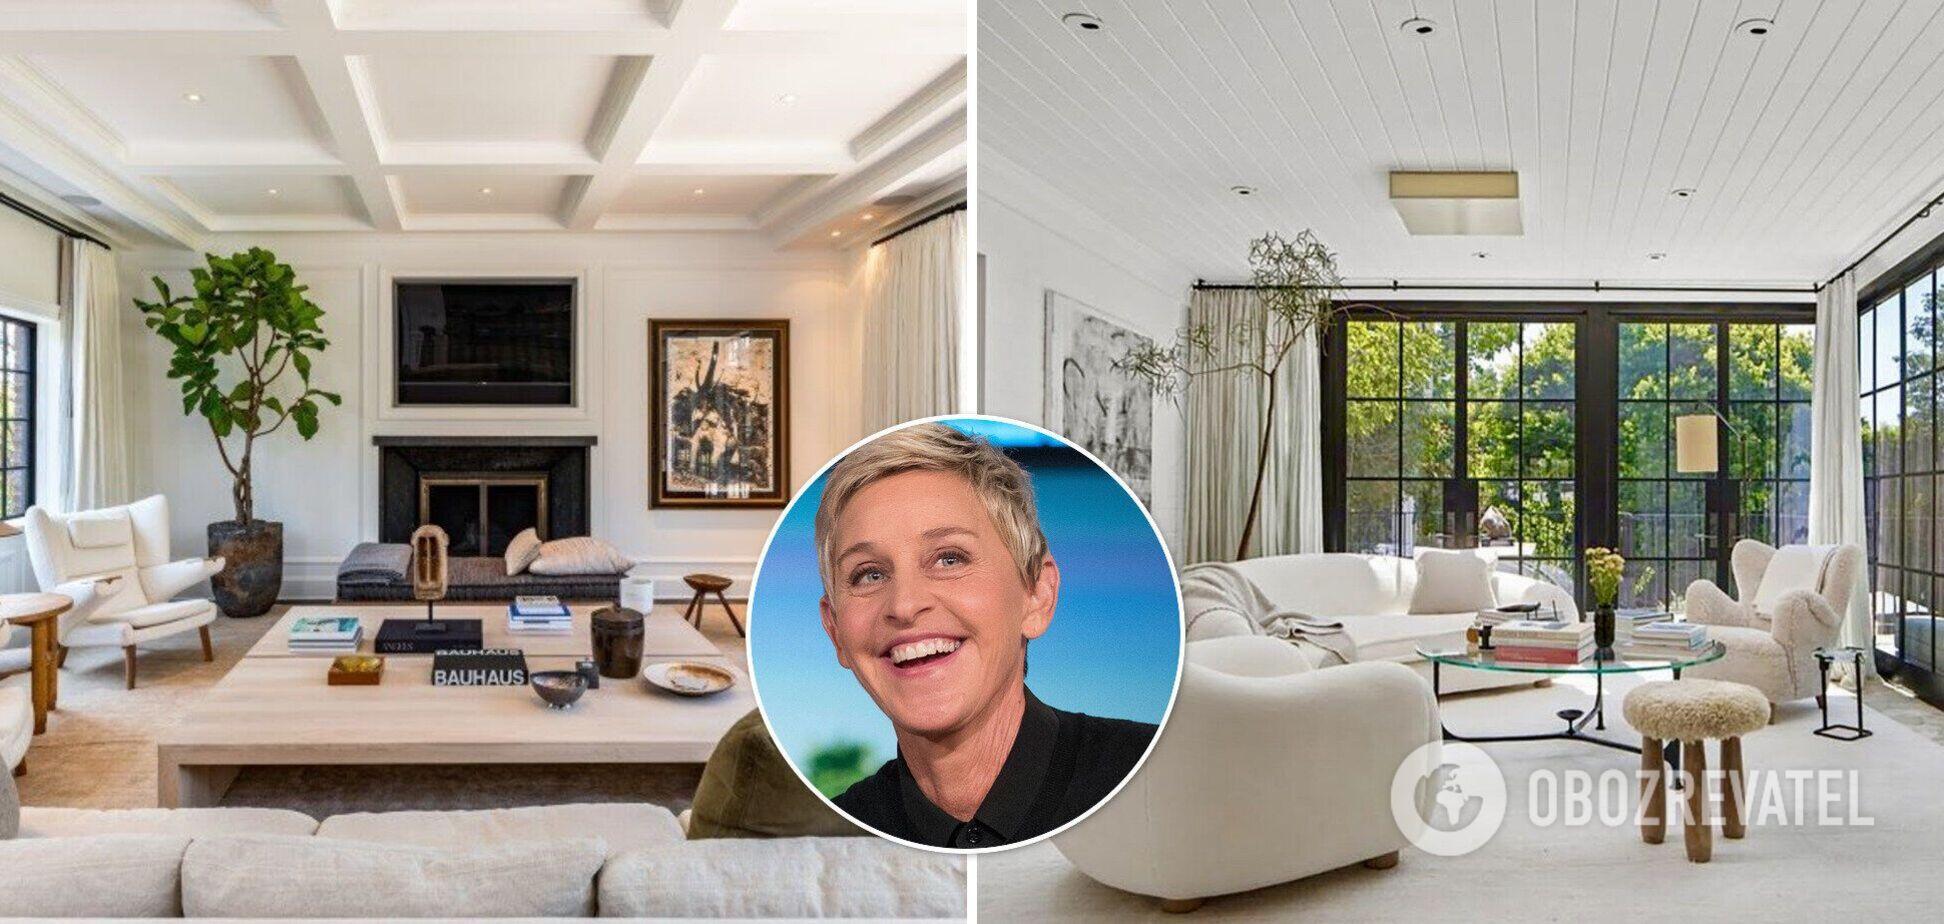 Сусідка Маркл і принца Гаррі вирішила продати маєток за $54 млн: як він виглядає